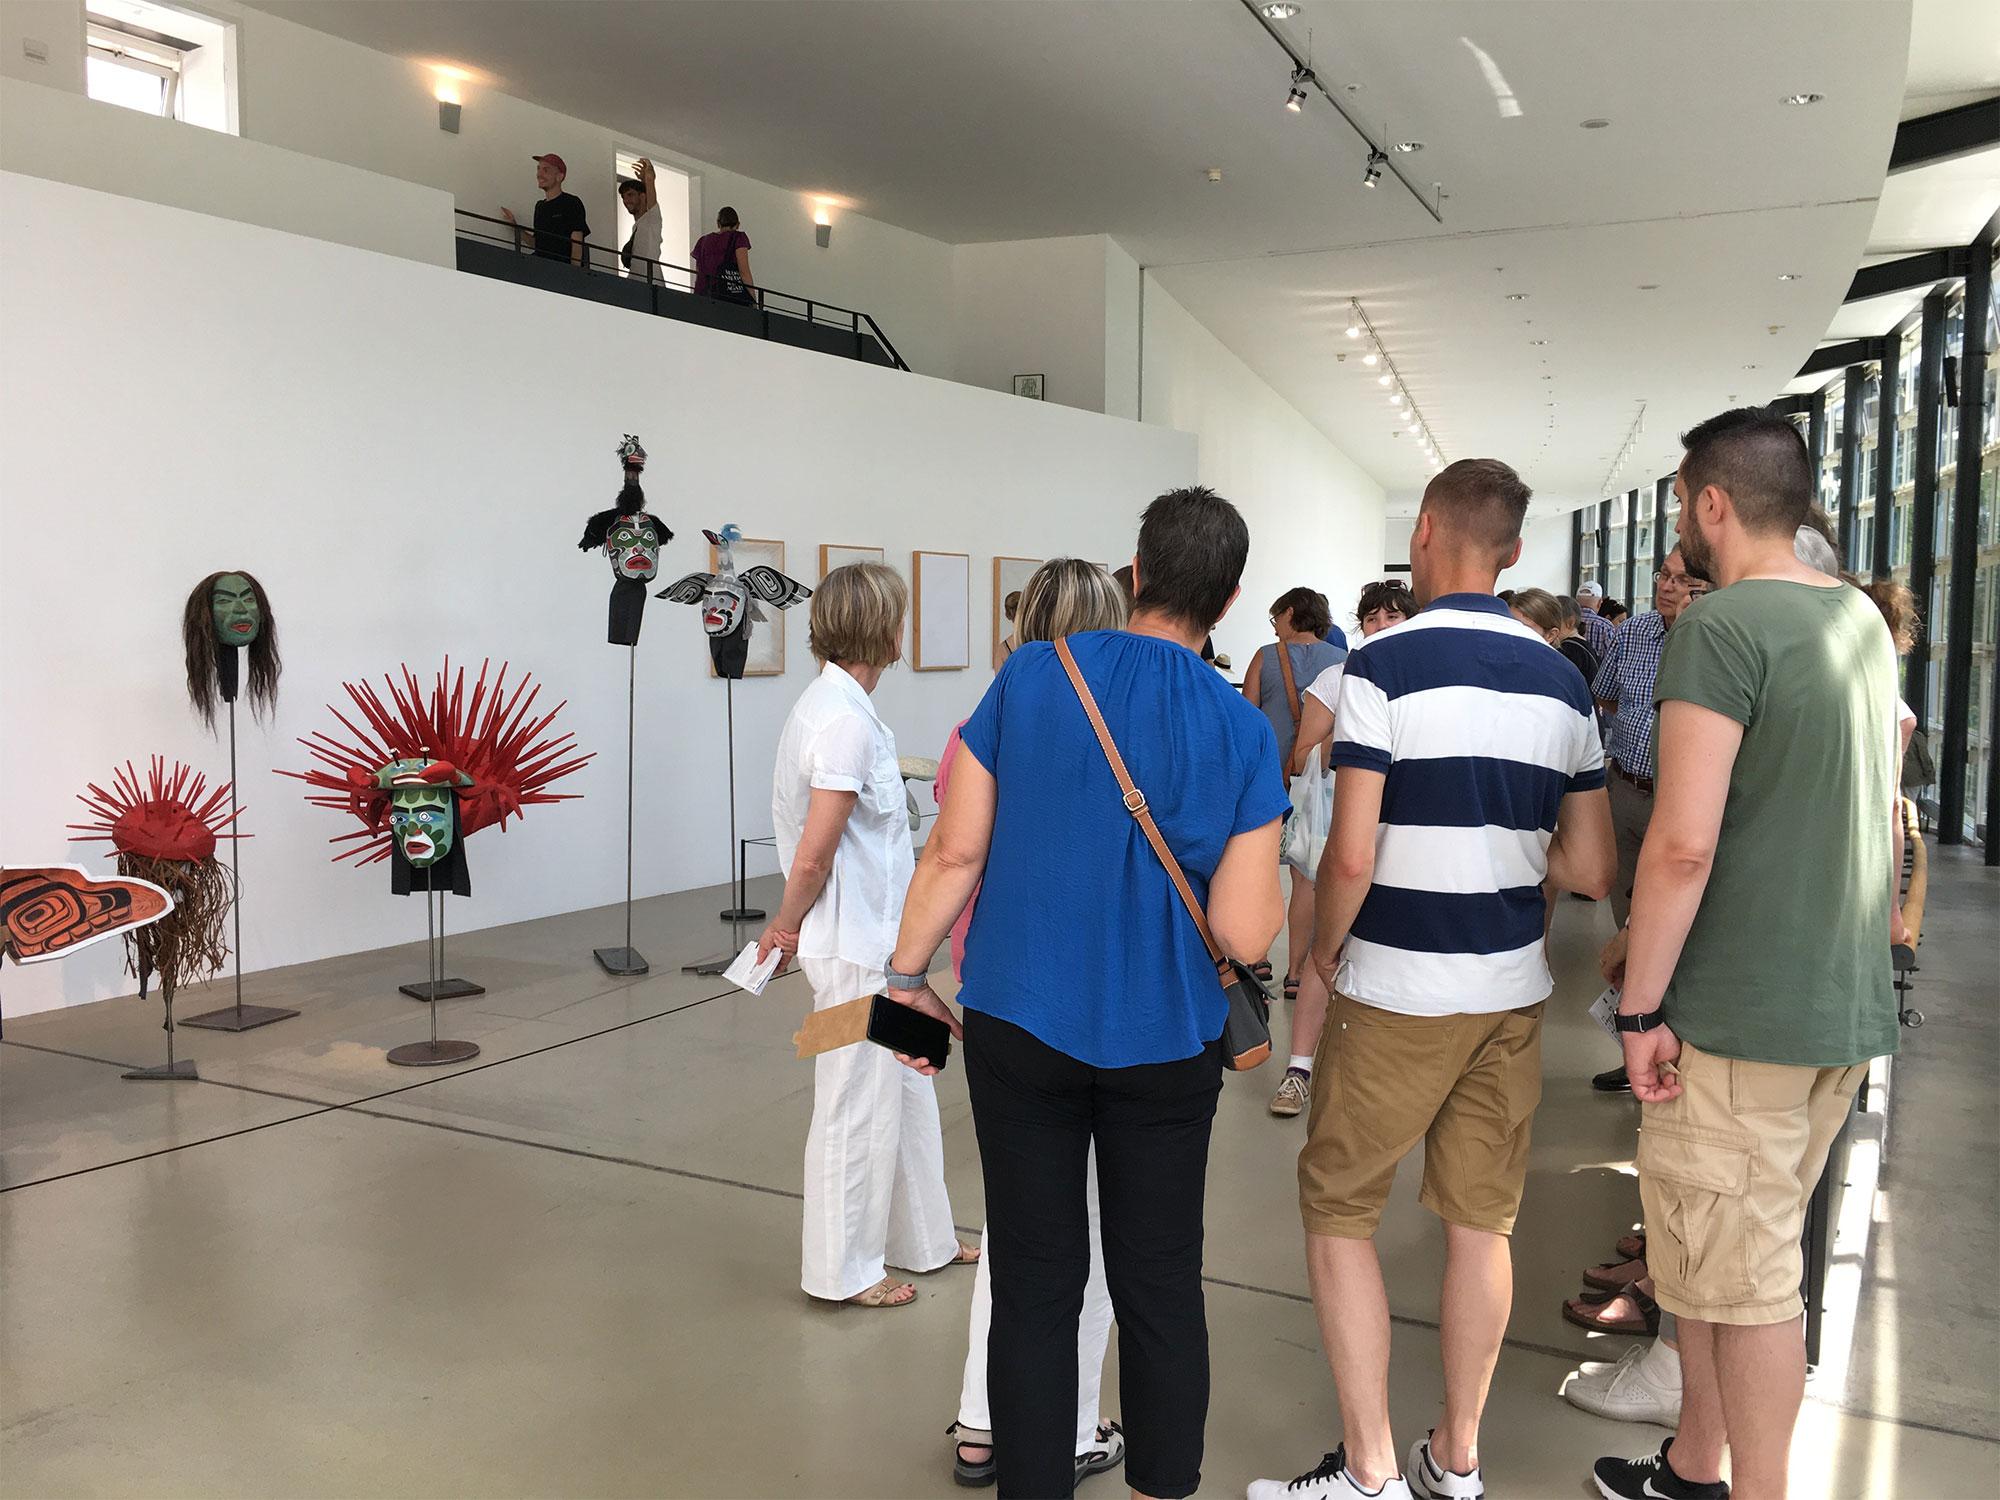 Beau-Dick-Kassel-Documenta-July-2017